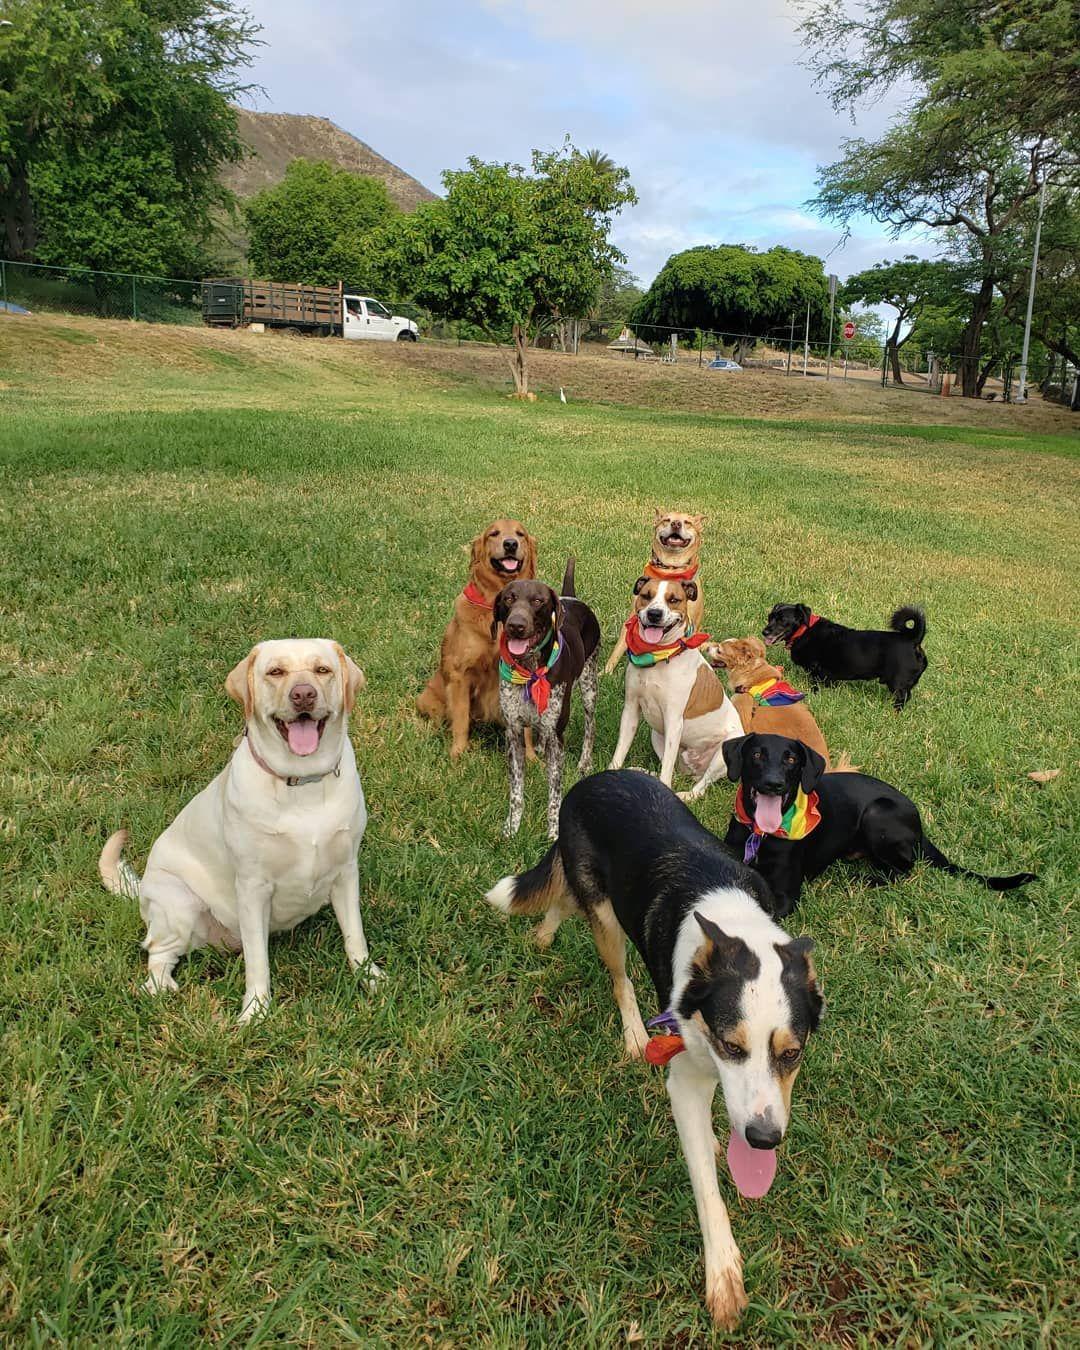 Occy Day Alohadoggyvacay Wooftv Dogposse Dogsitterlife